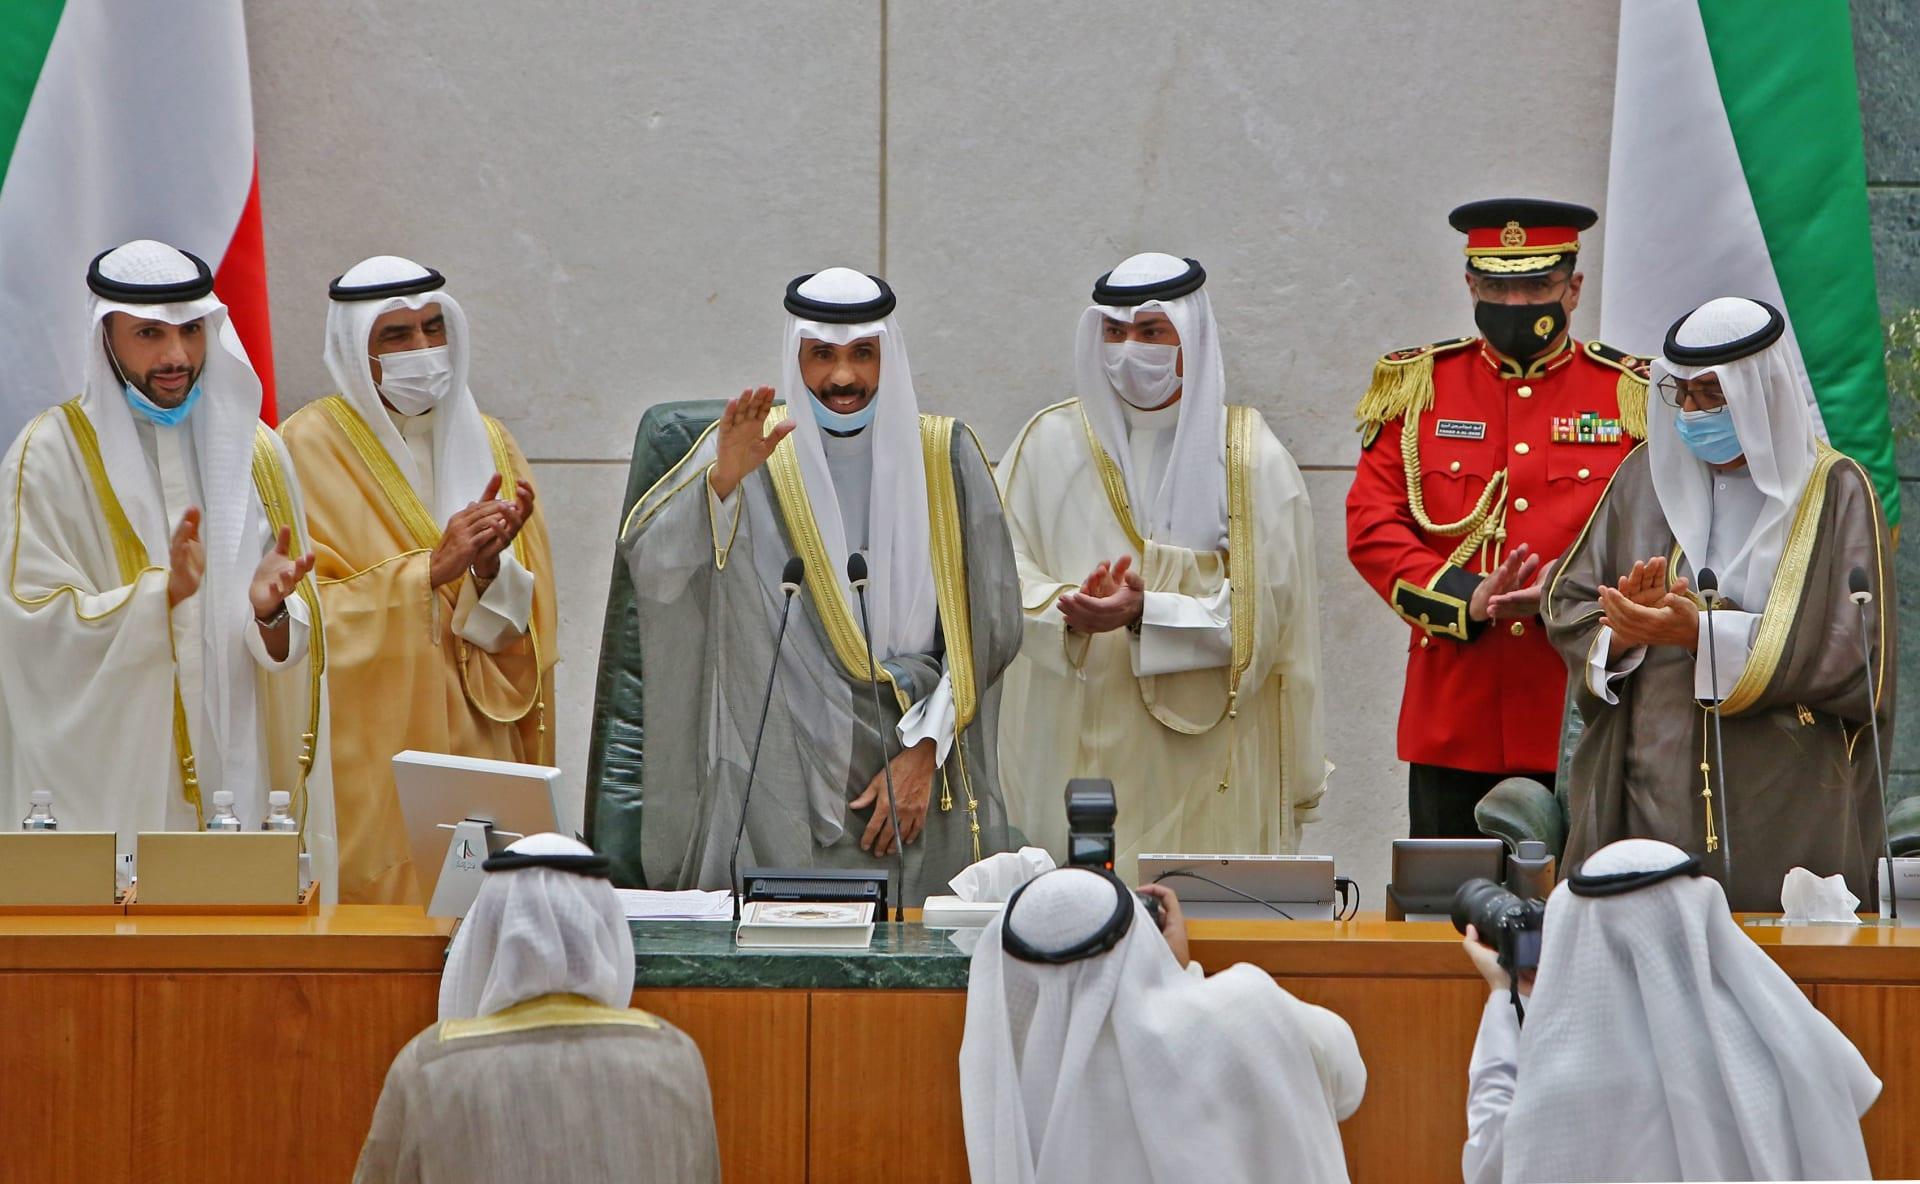 أمير الكويت يقبل استقالة الحكومة.. ويدعو لانعقاد مجلس الأمة في 15 ديسمبر